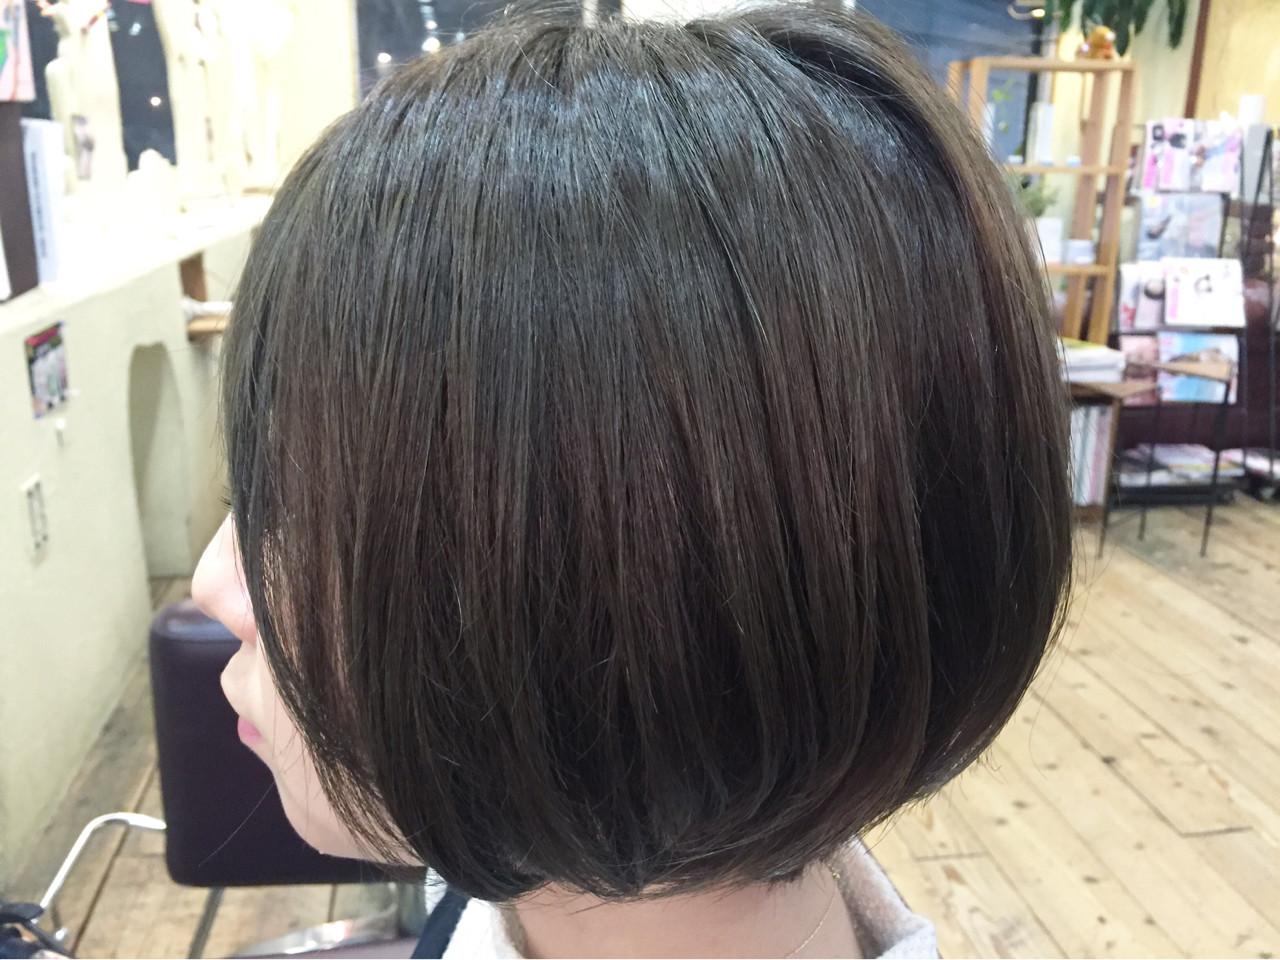 イルミナカラー アッシュグレー 似合わせ 透明感 ヘアスタイルや髪型の写真・画像 | 星野忍伸 / SHAMPOOBOY FLAP